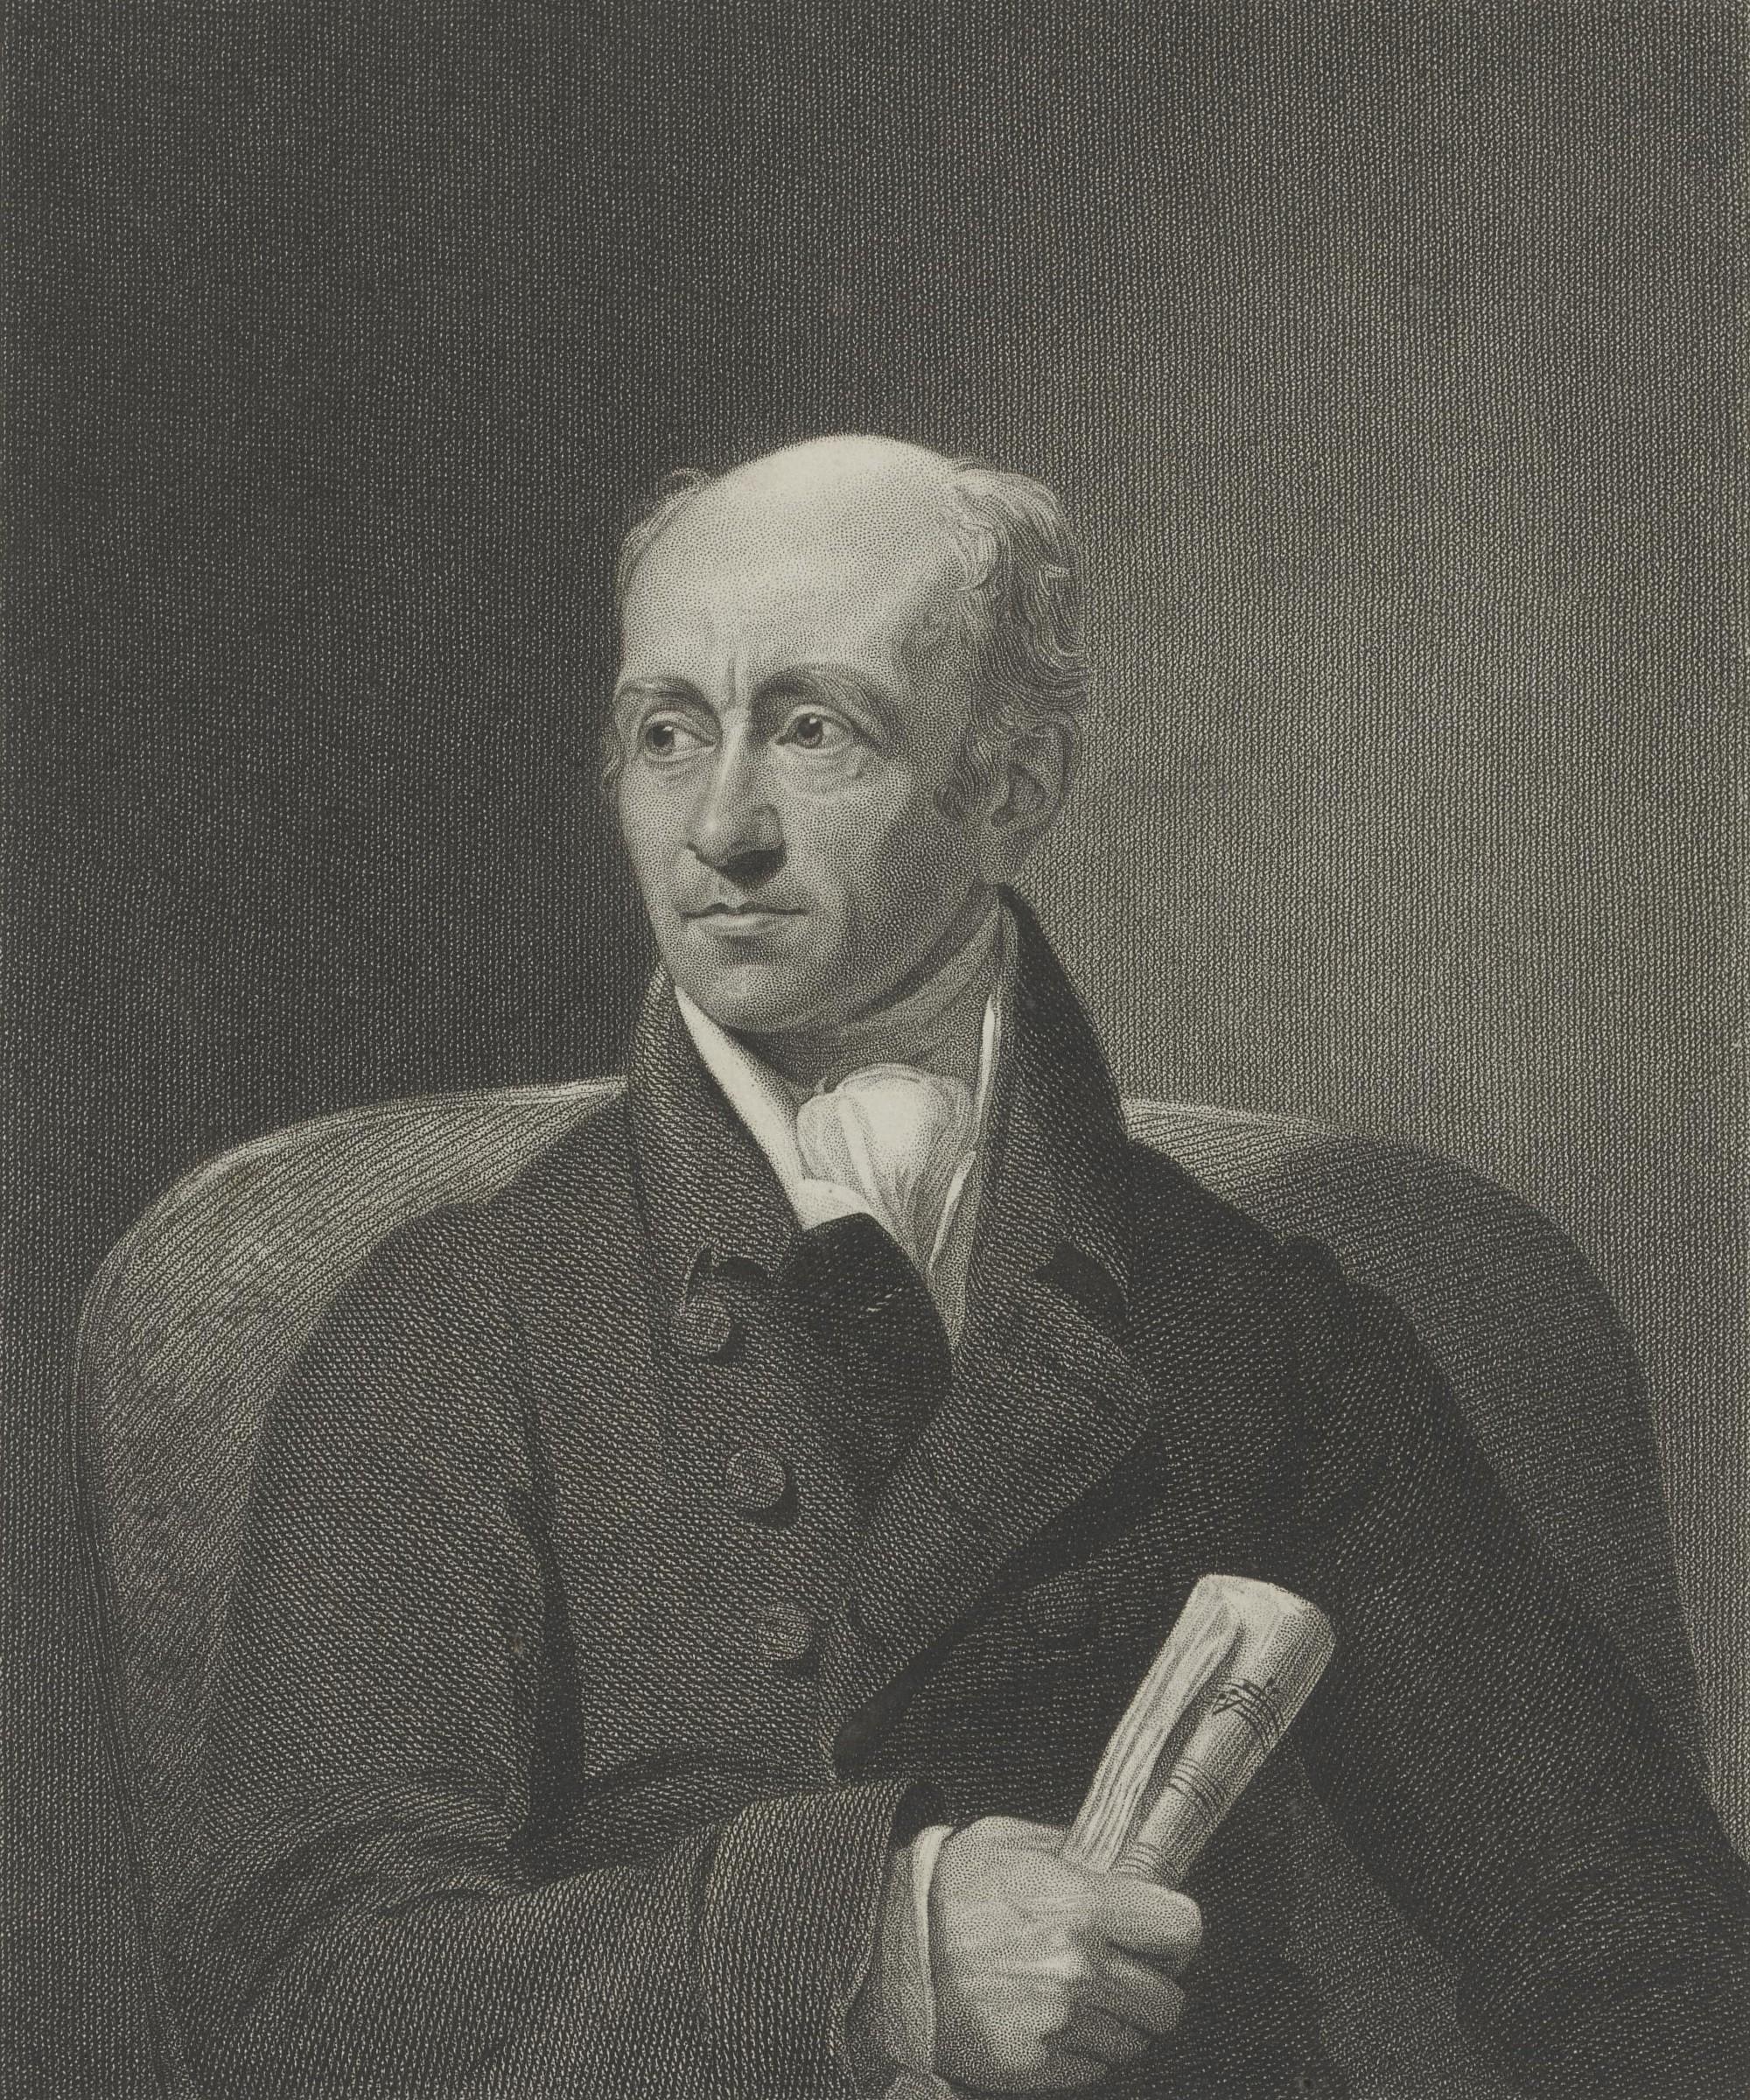 Muzio Clementi (1752 - 1832) ---------------- Sonata Op. 25 n. 6